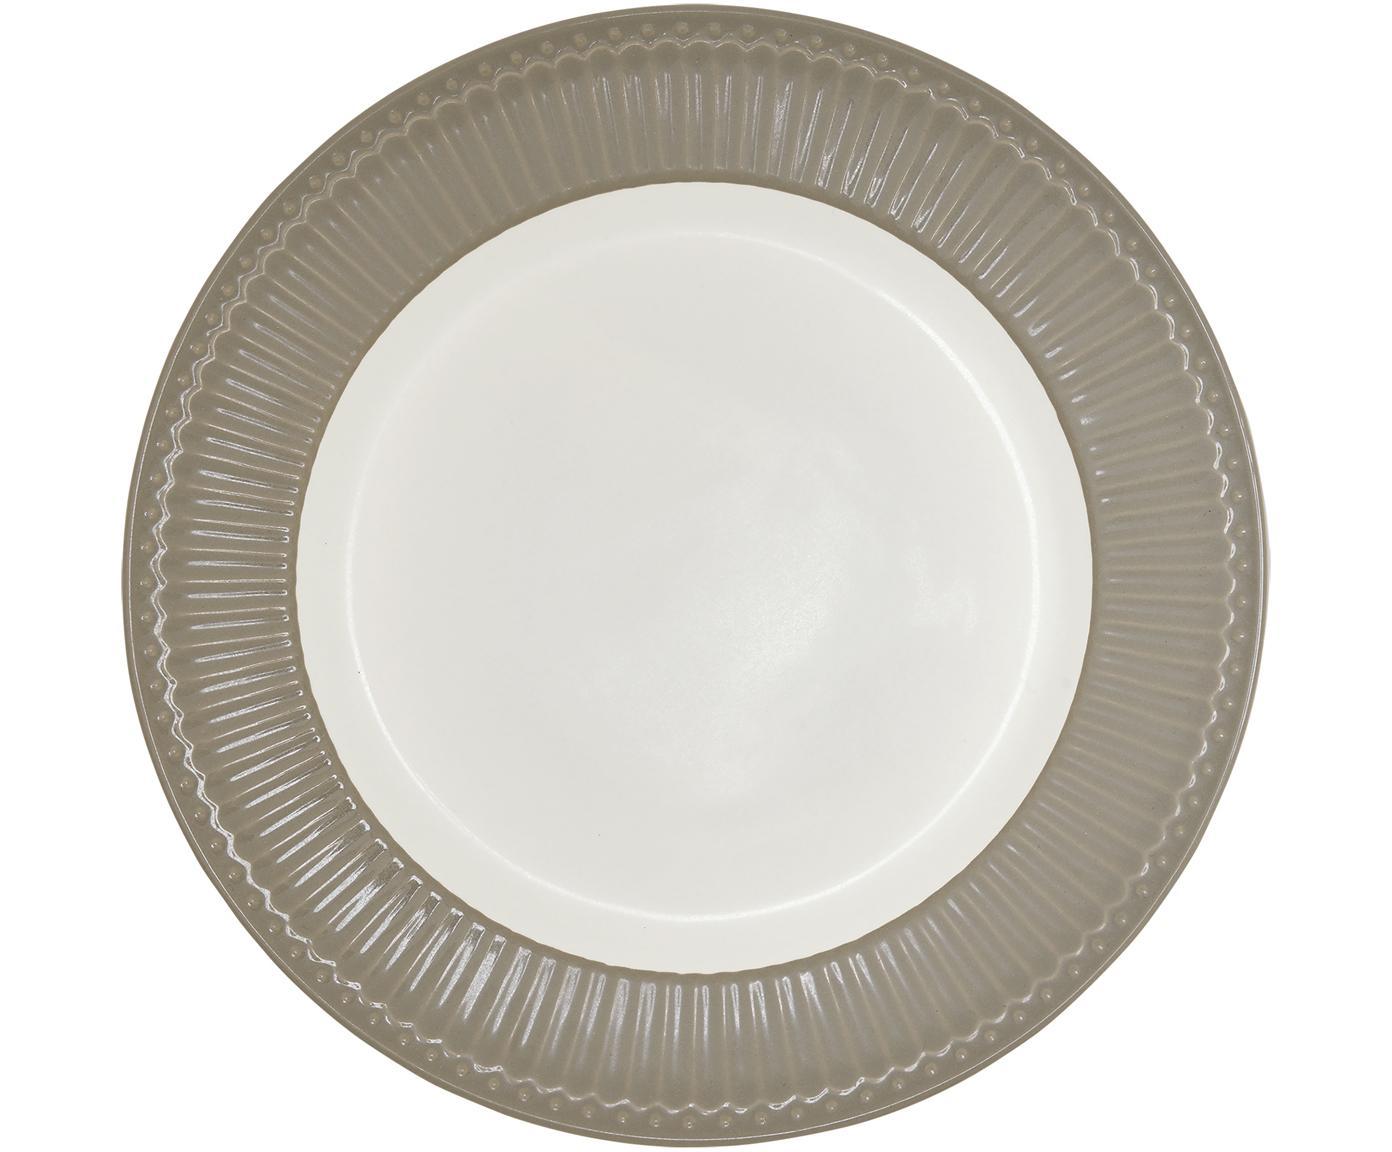 Talerz duży Alice, 2 szt., Porcelana, Szary, biały, Ø 27 cm